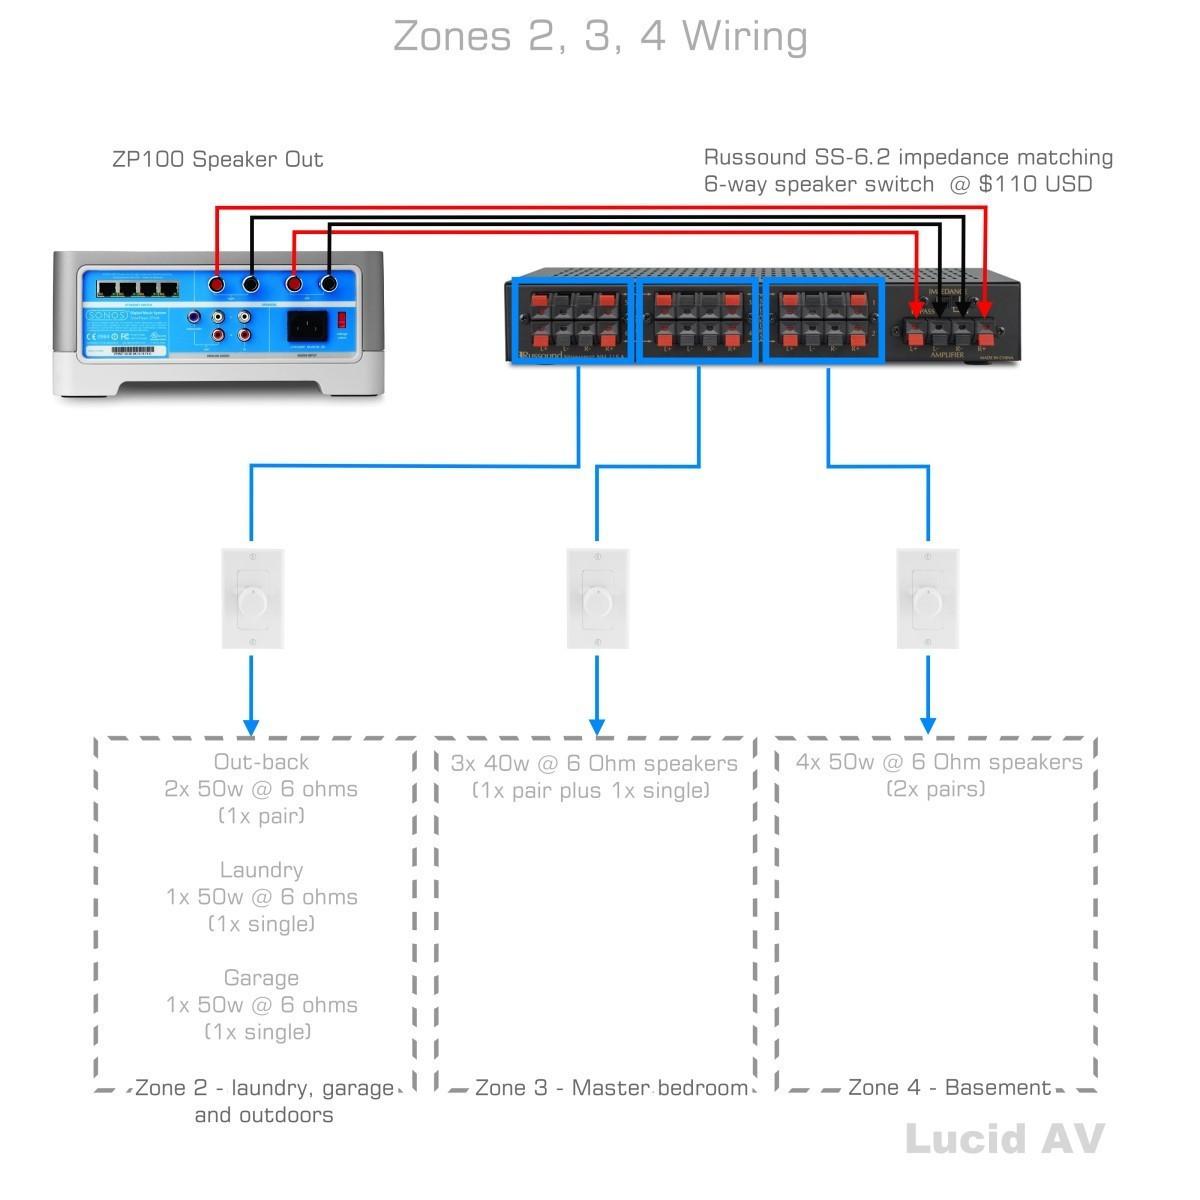 sonos wiring diagram Download-Sonos Wiring Diagram WIRE Data • 3-g